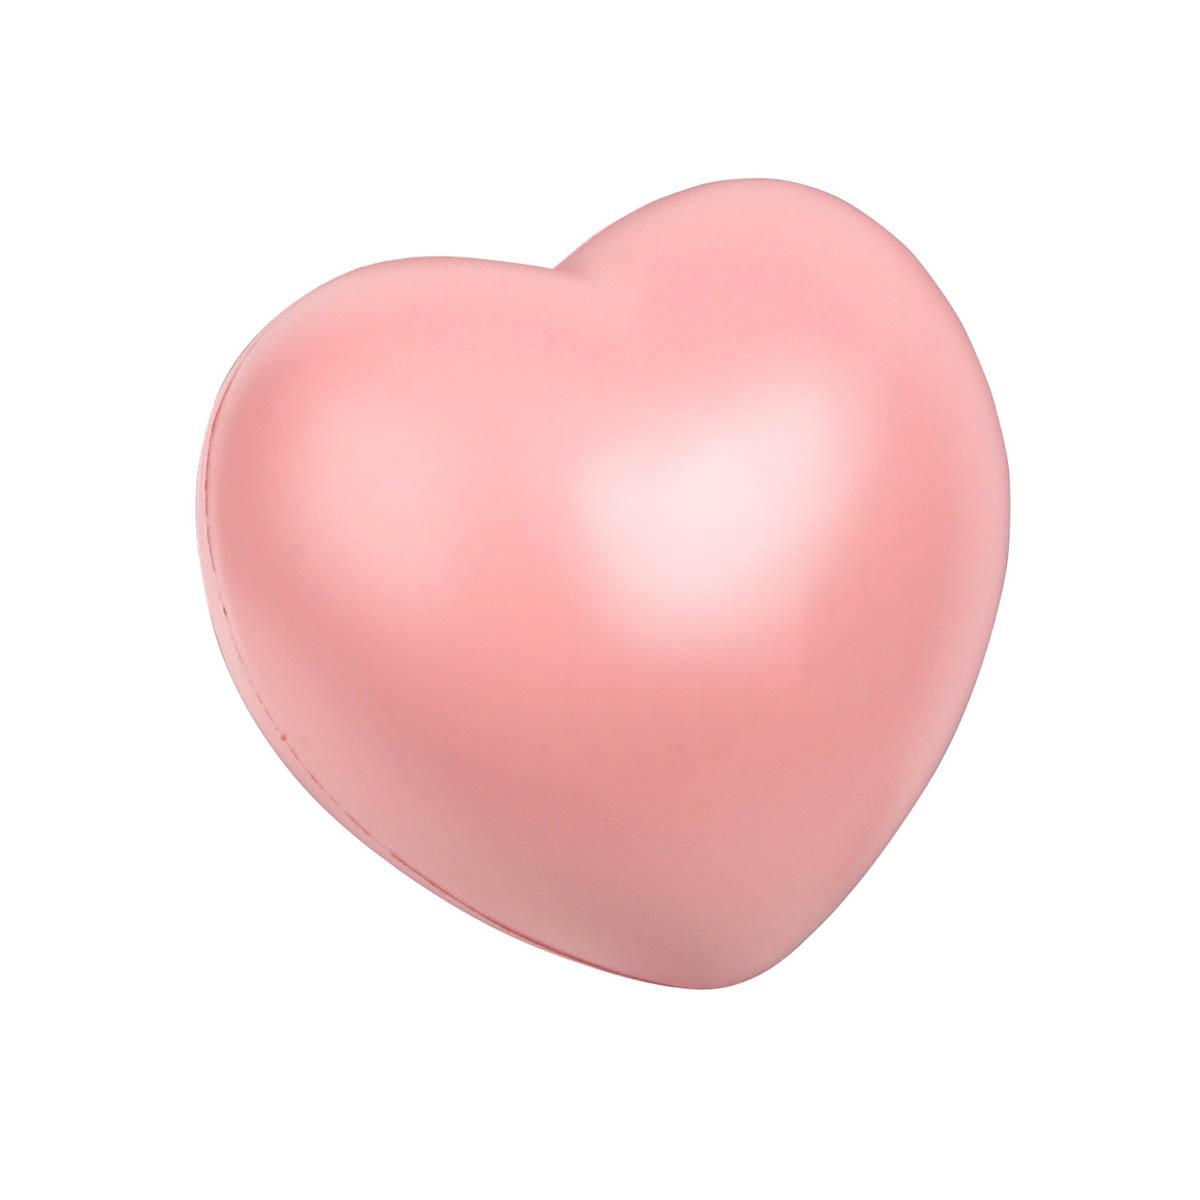 Pink heart stress